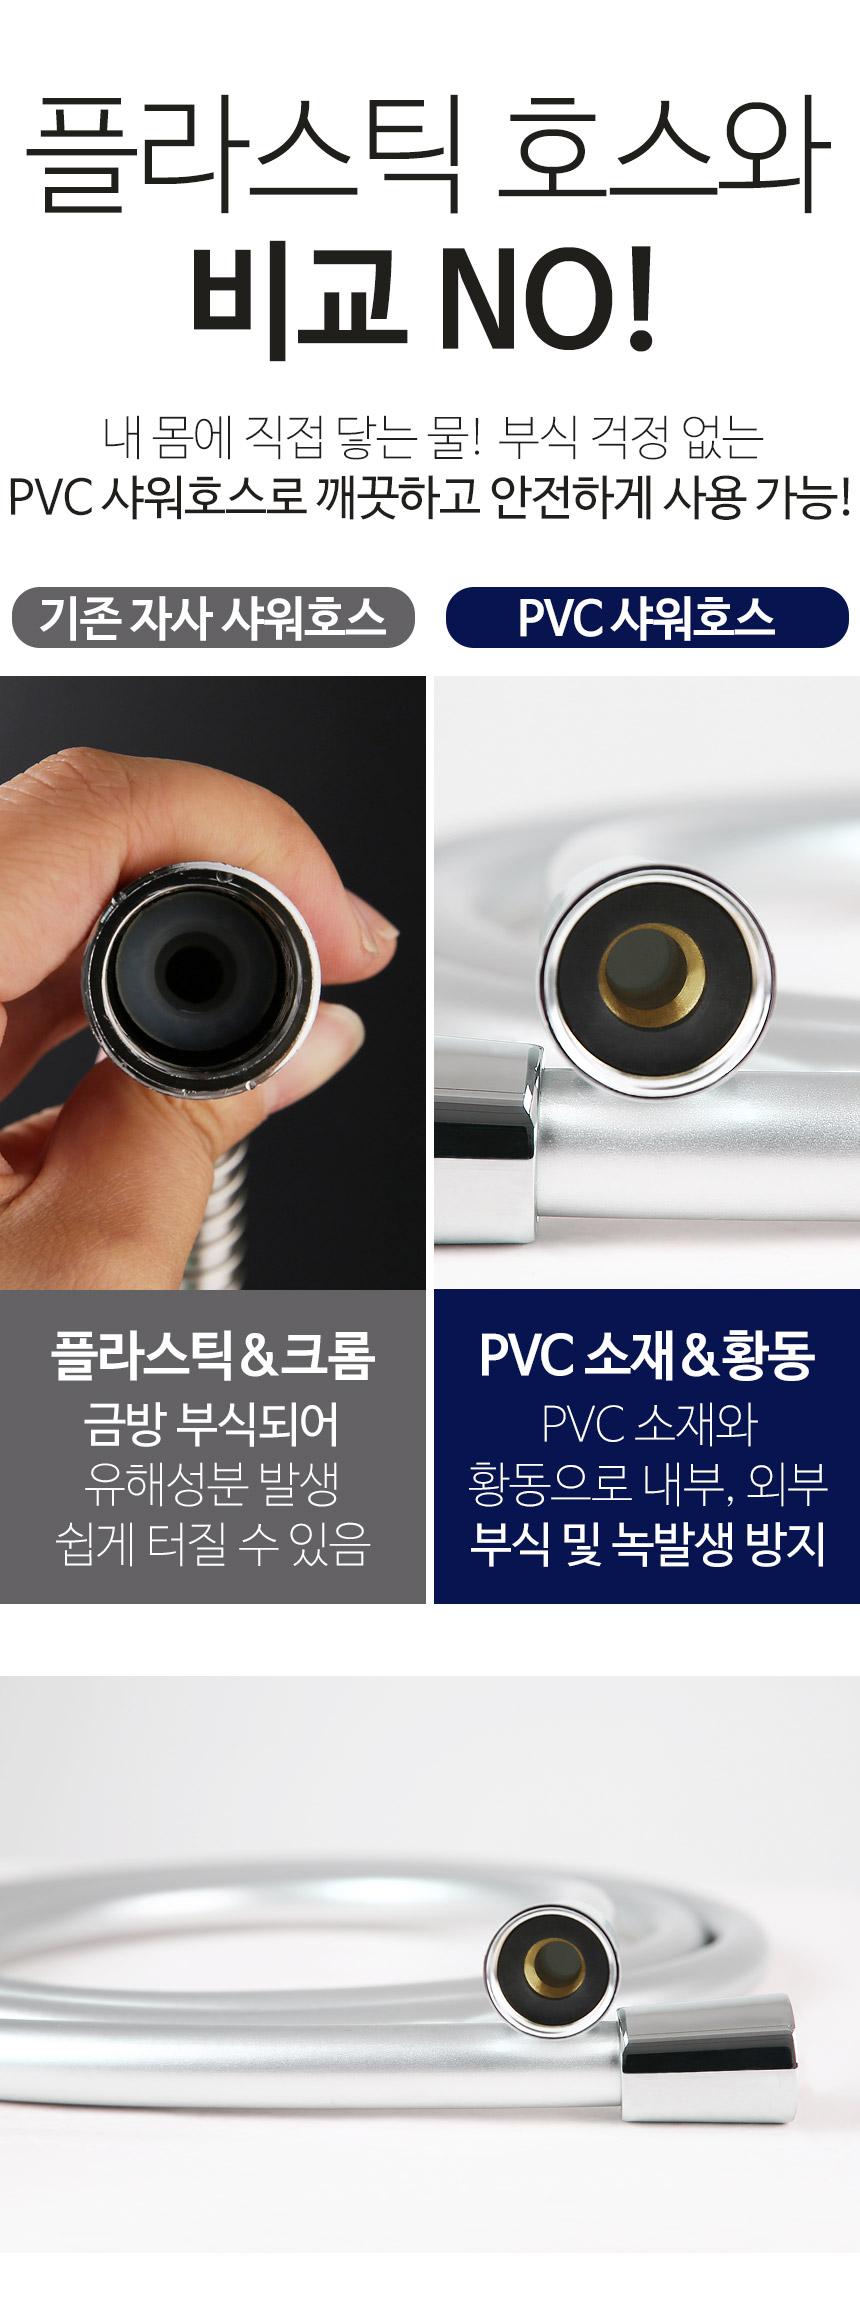 물쎈 물때방지 PVC 샤워기 호스 2m - 더홈, 10,900원, 세안/목욕, 샤워소품